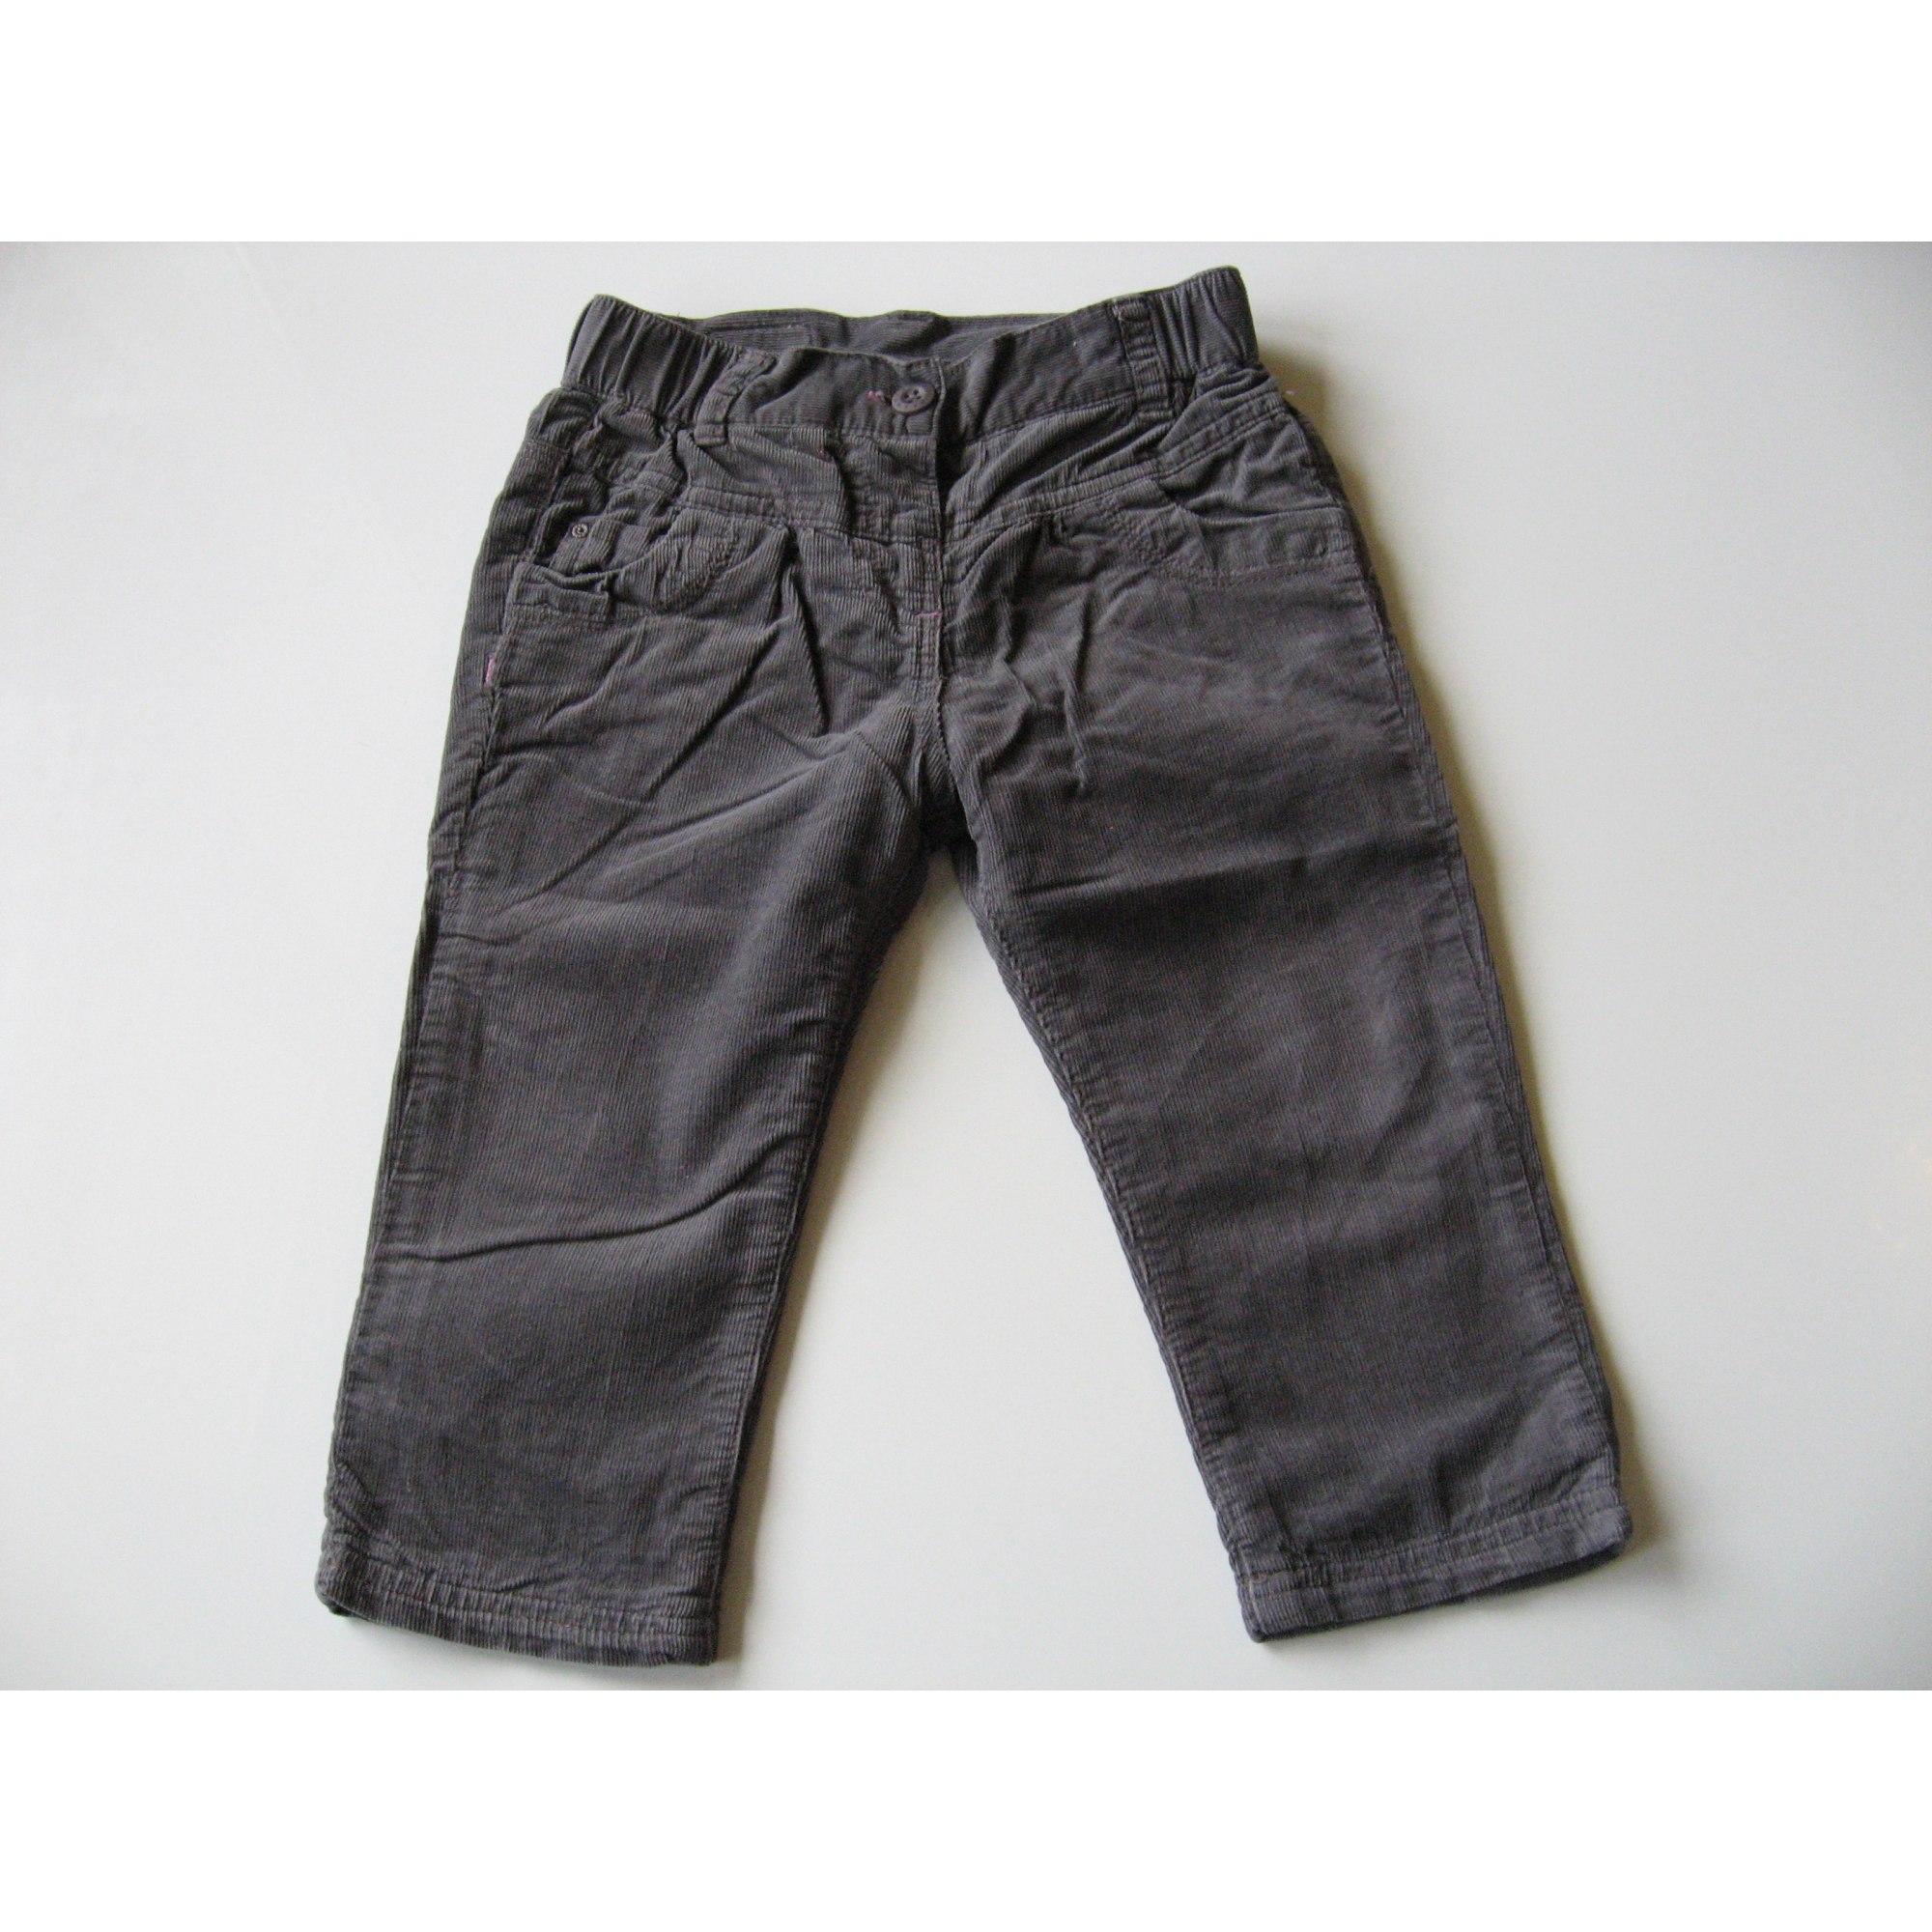 Pantalon MEXX Gris, anthracite